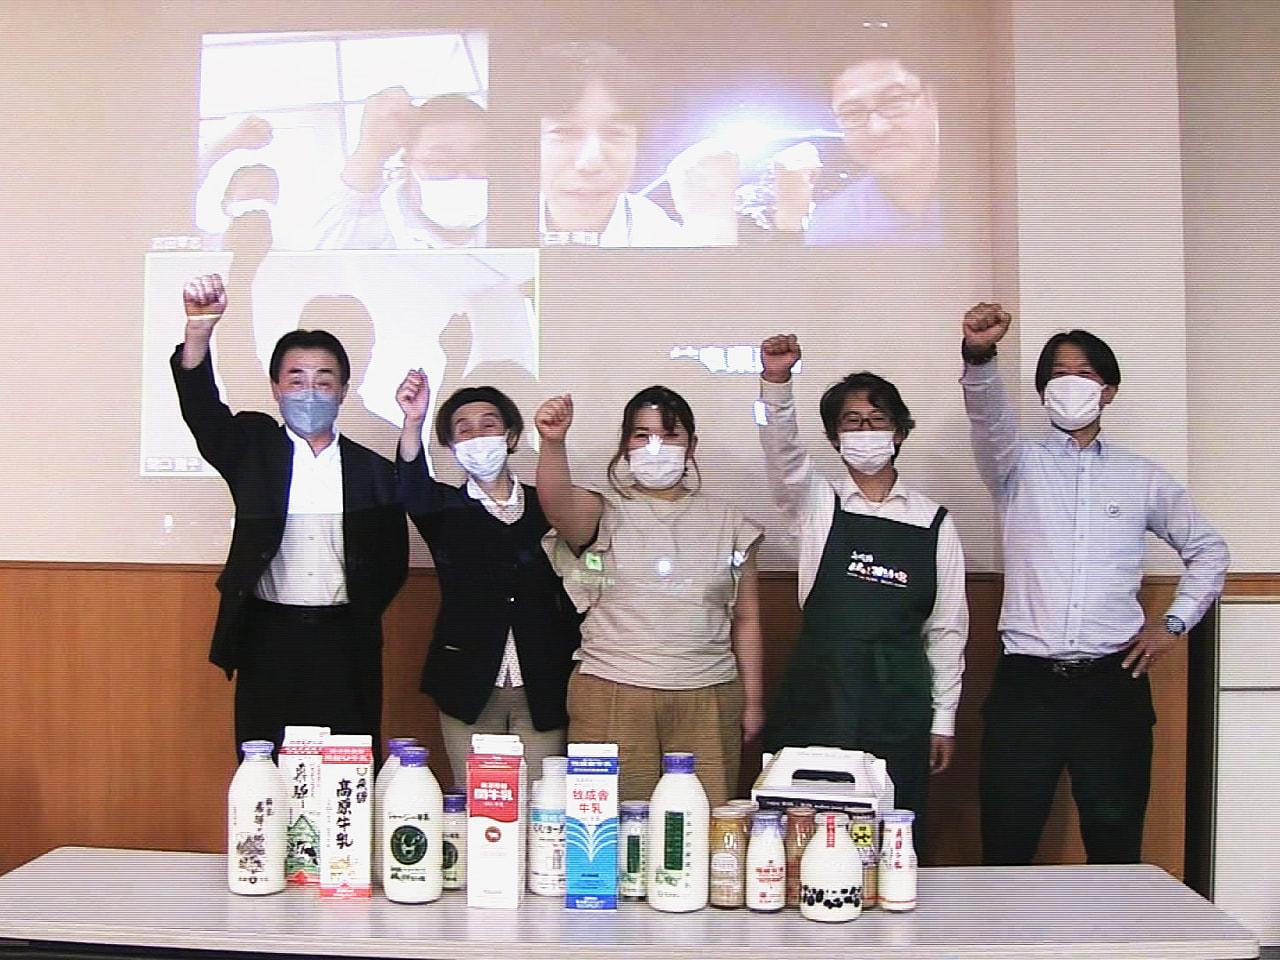 コロナ禍で需要が落ち込む岐阜県飛騨地域をはじめとした、岐阜県内6つの乳業メーカー...